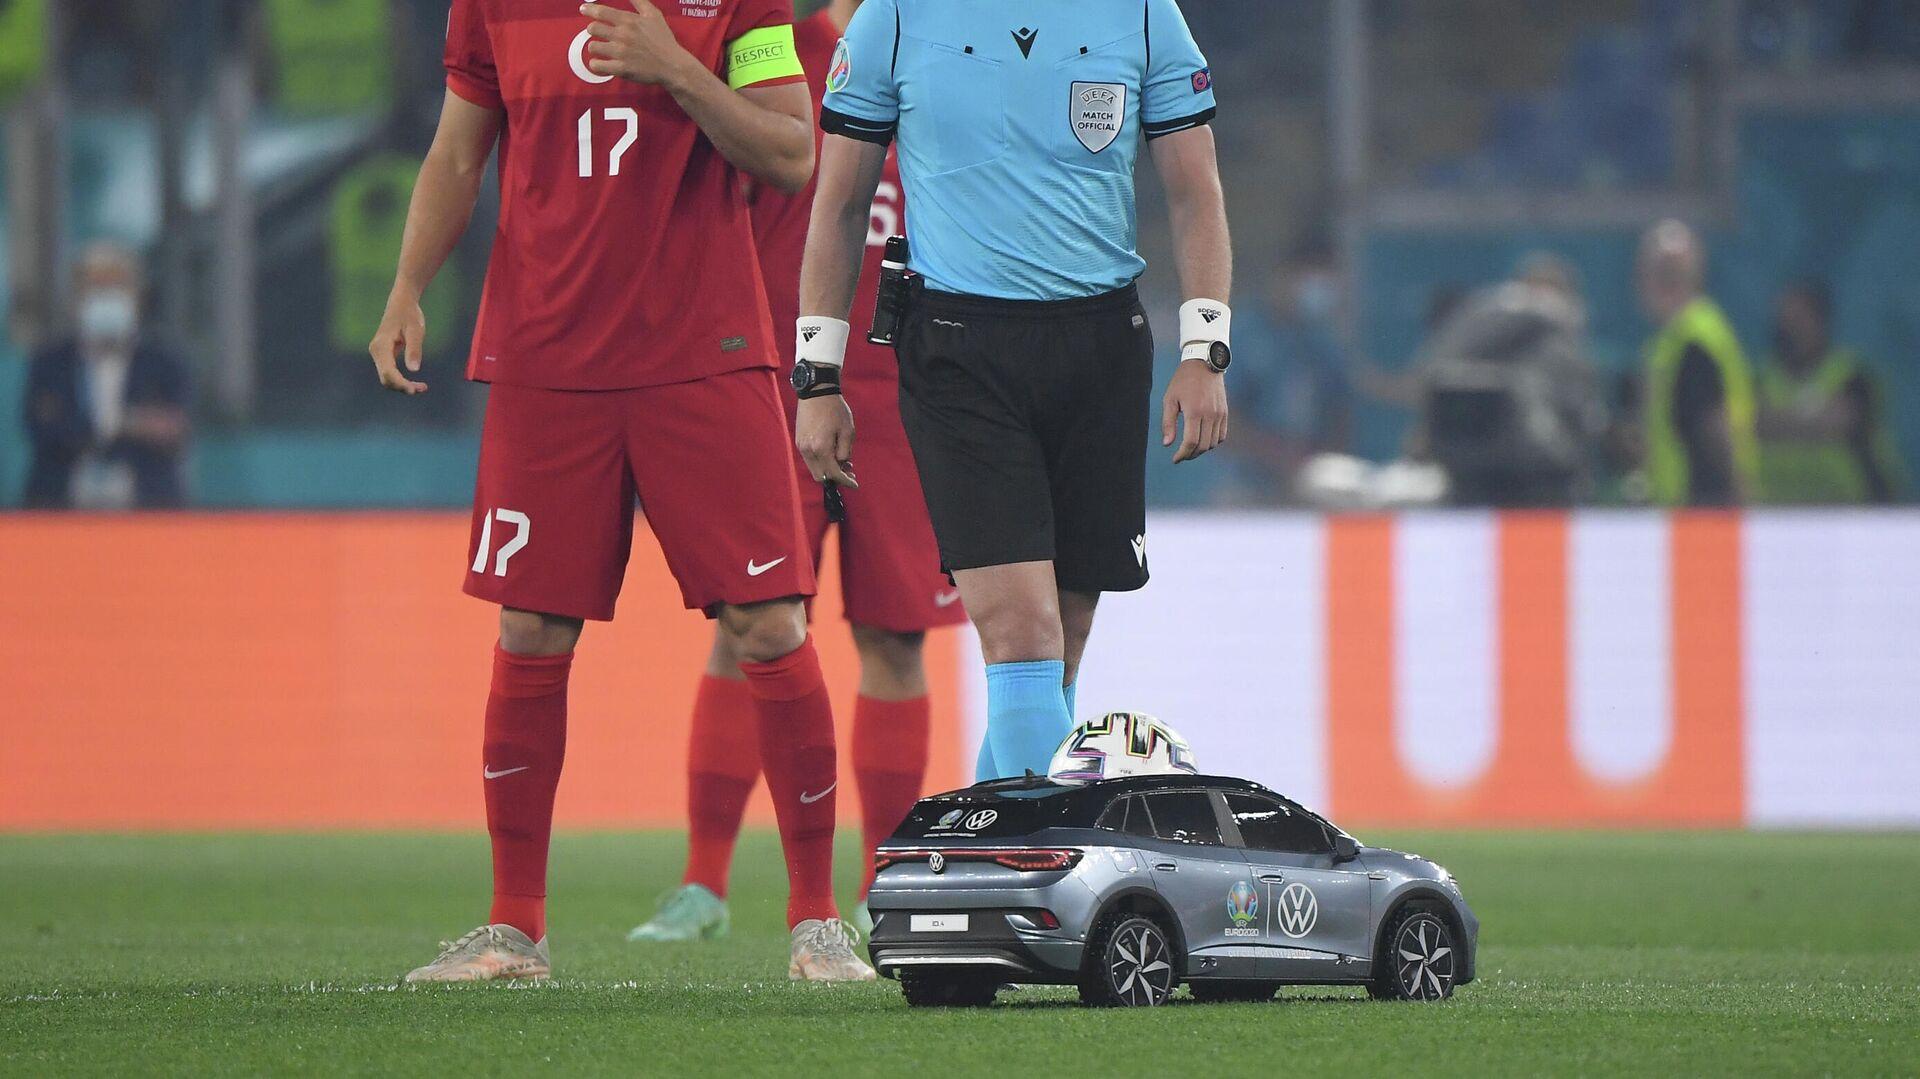 Un mini auto lleva el balón al juez en el partido inaugural de la Eurocopa 2020 - Sputnik Mundo, 1920, 12.06.2021